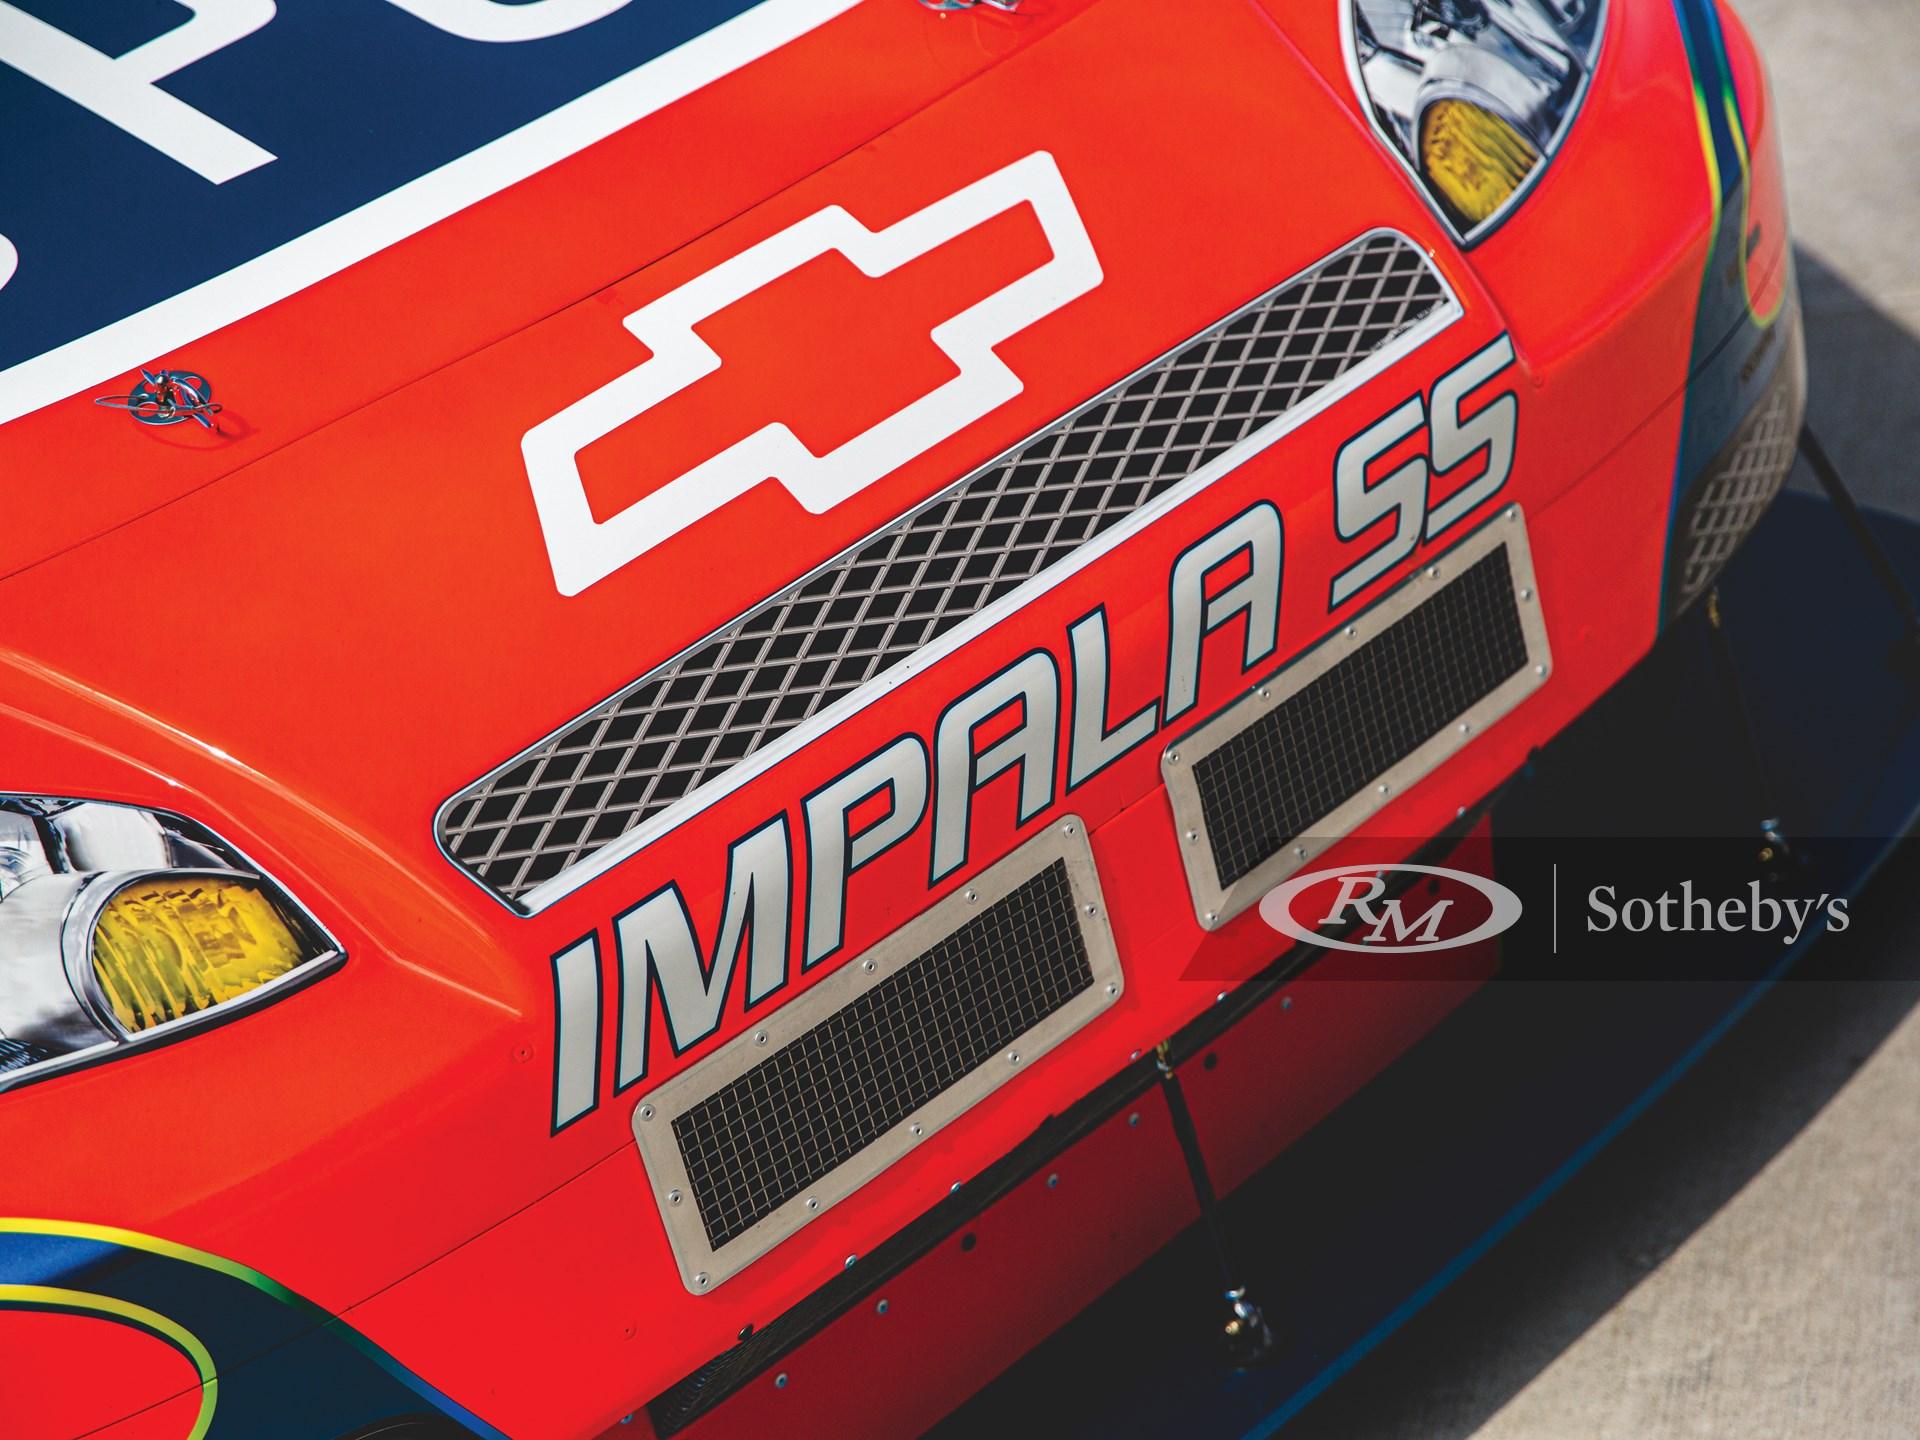 2007 Chevrolet Impala NASCAR 'Jeff Gordon'  -